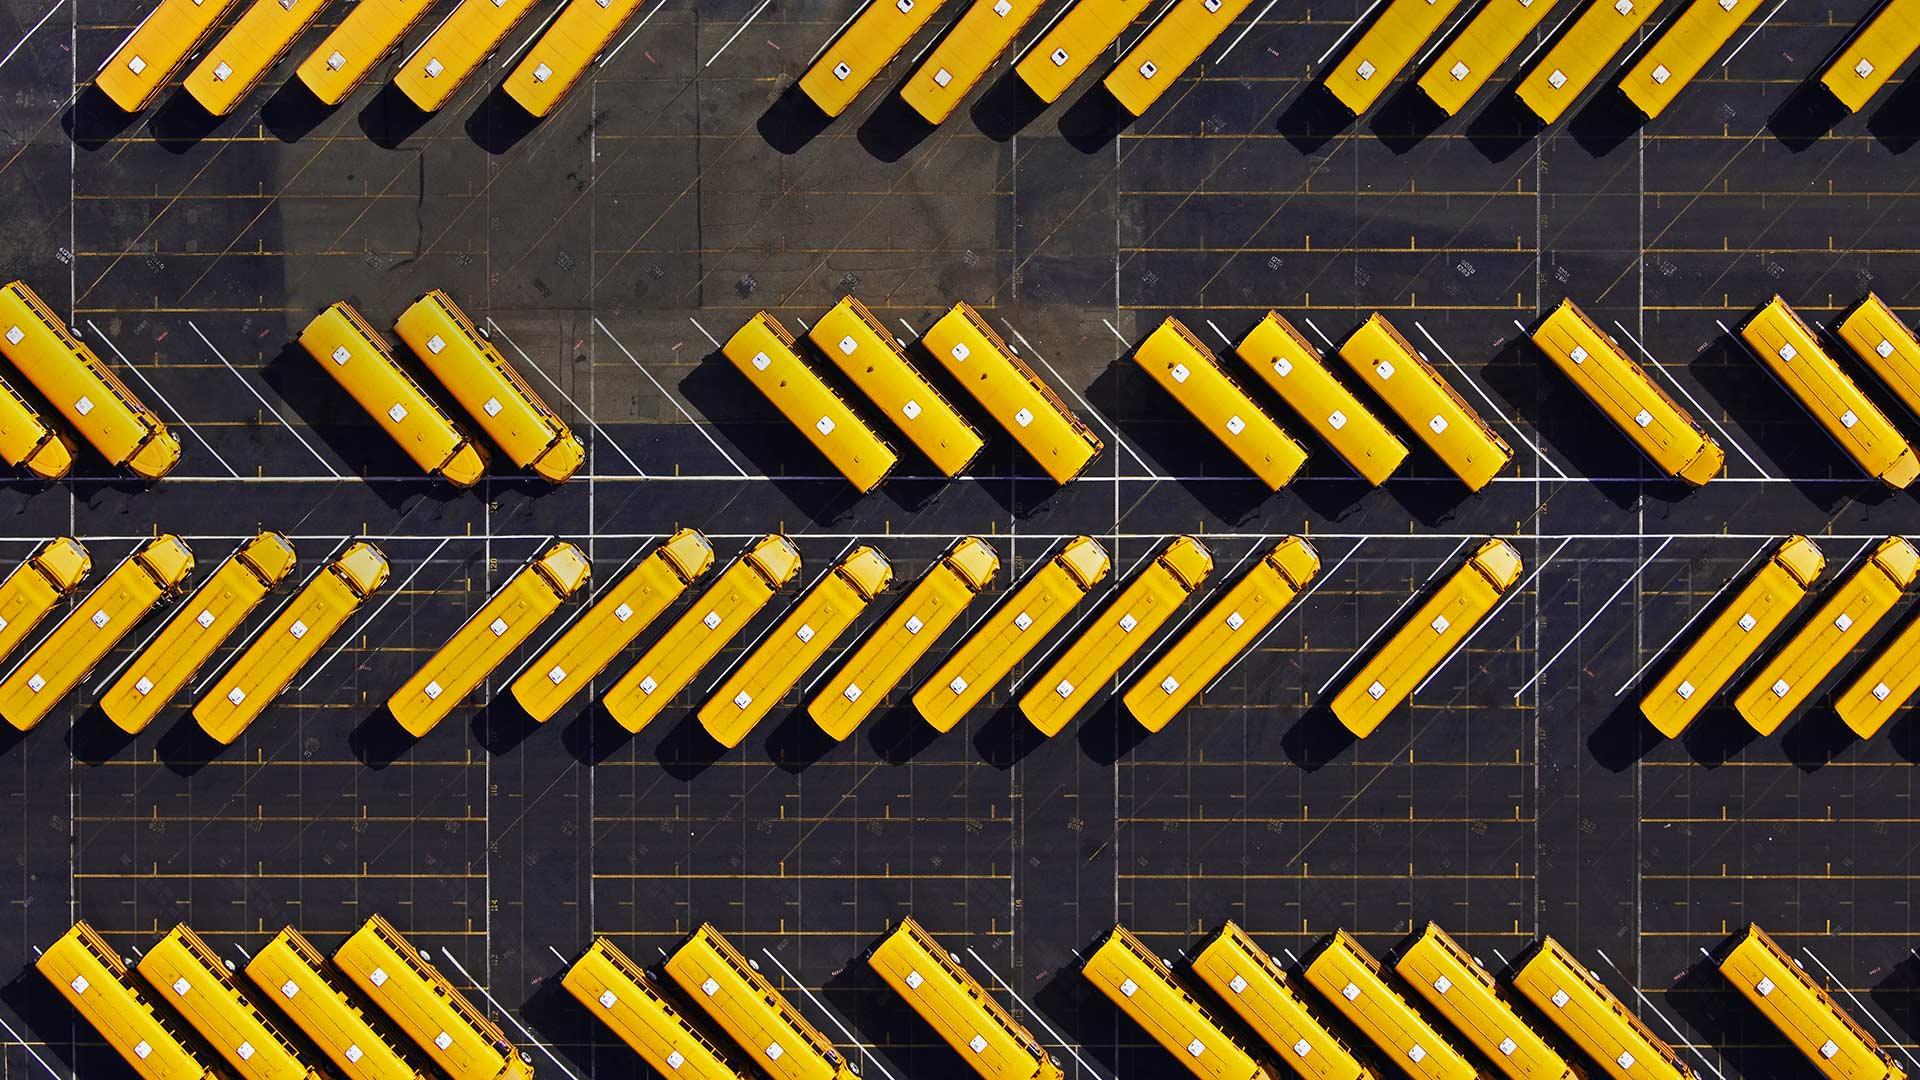 Hình nền Bing độc đáo và đẹp